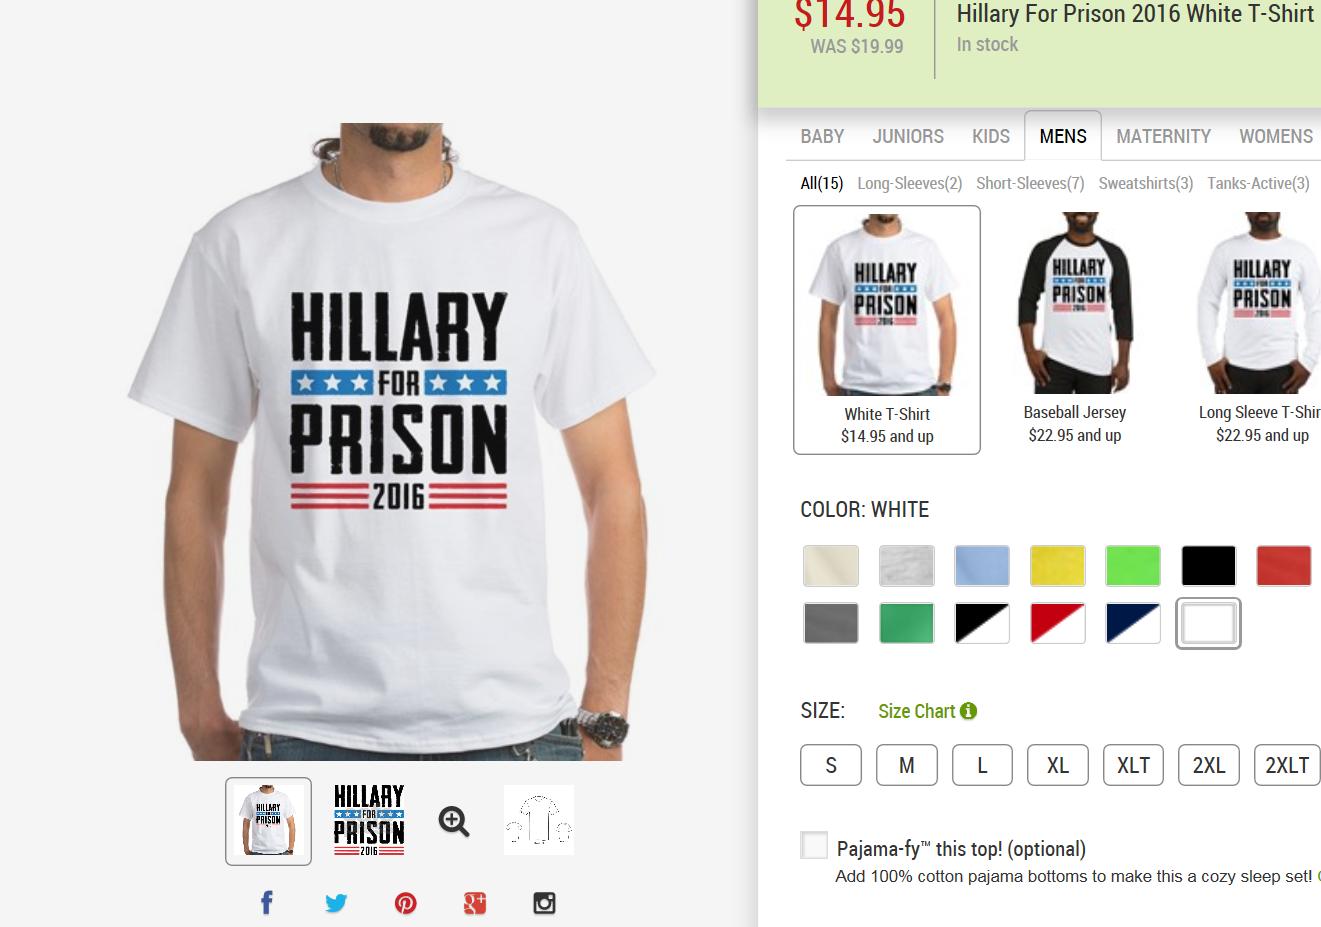 Etats-Unis : les ventes de goodies anti-Clinton explosent celles des produits anti-Trump